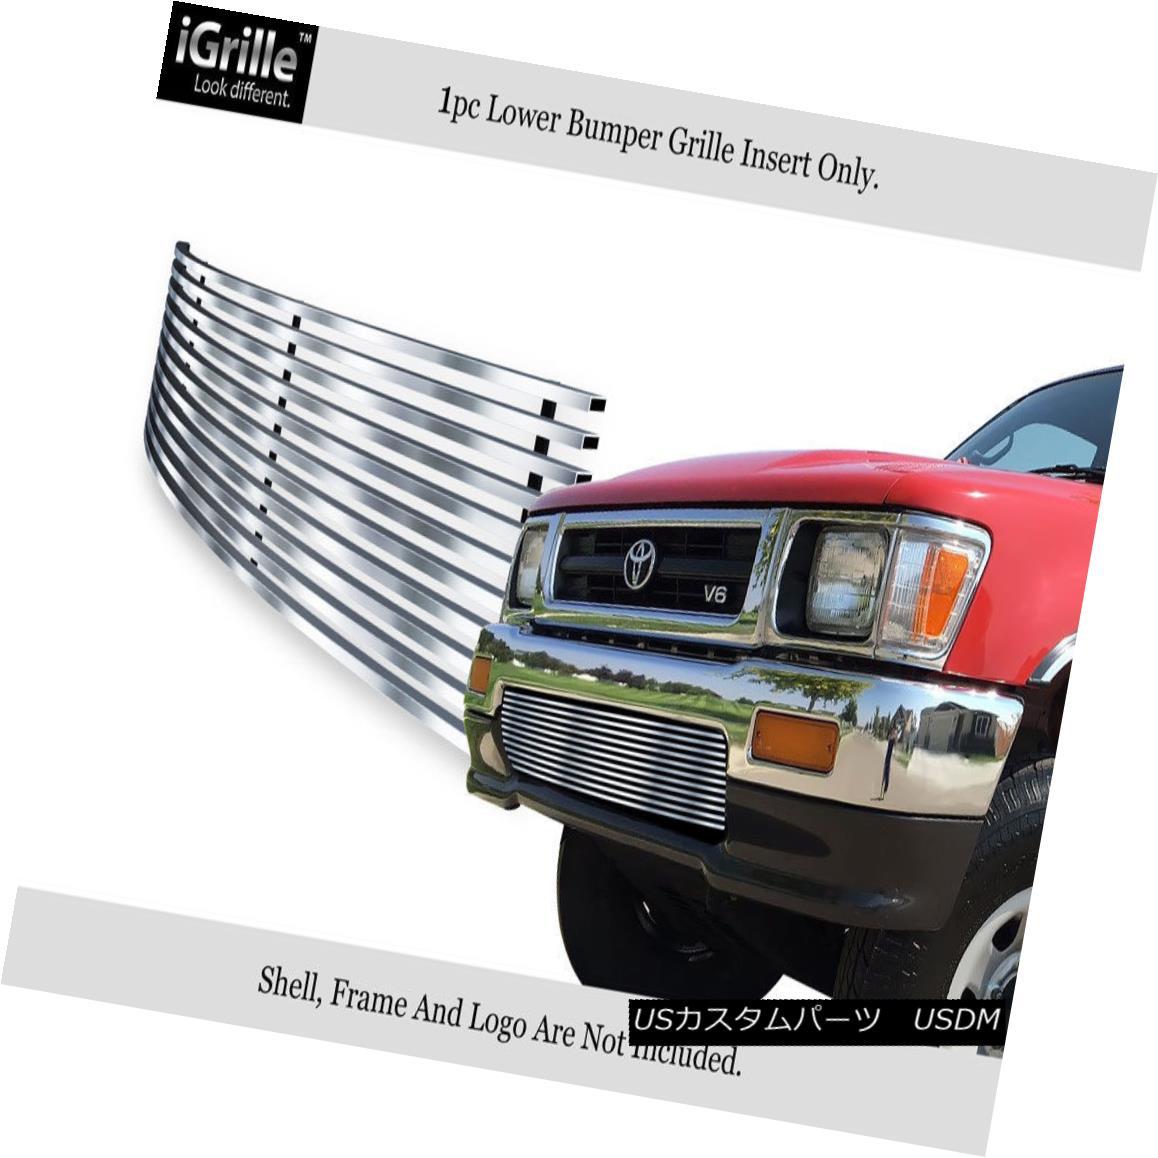 グリル For 92-94 Toyota Pickup Truck 4WD Stainless Steel Billet Bumper Grille 92-94トヨタのピックアップトラック用4WDステンレス鋼ビレットバンパーグリル